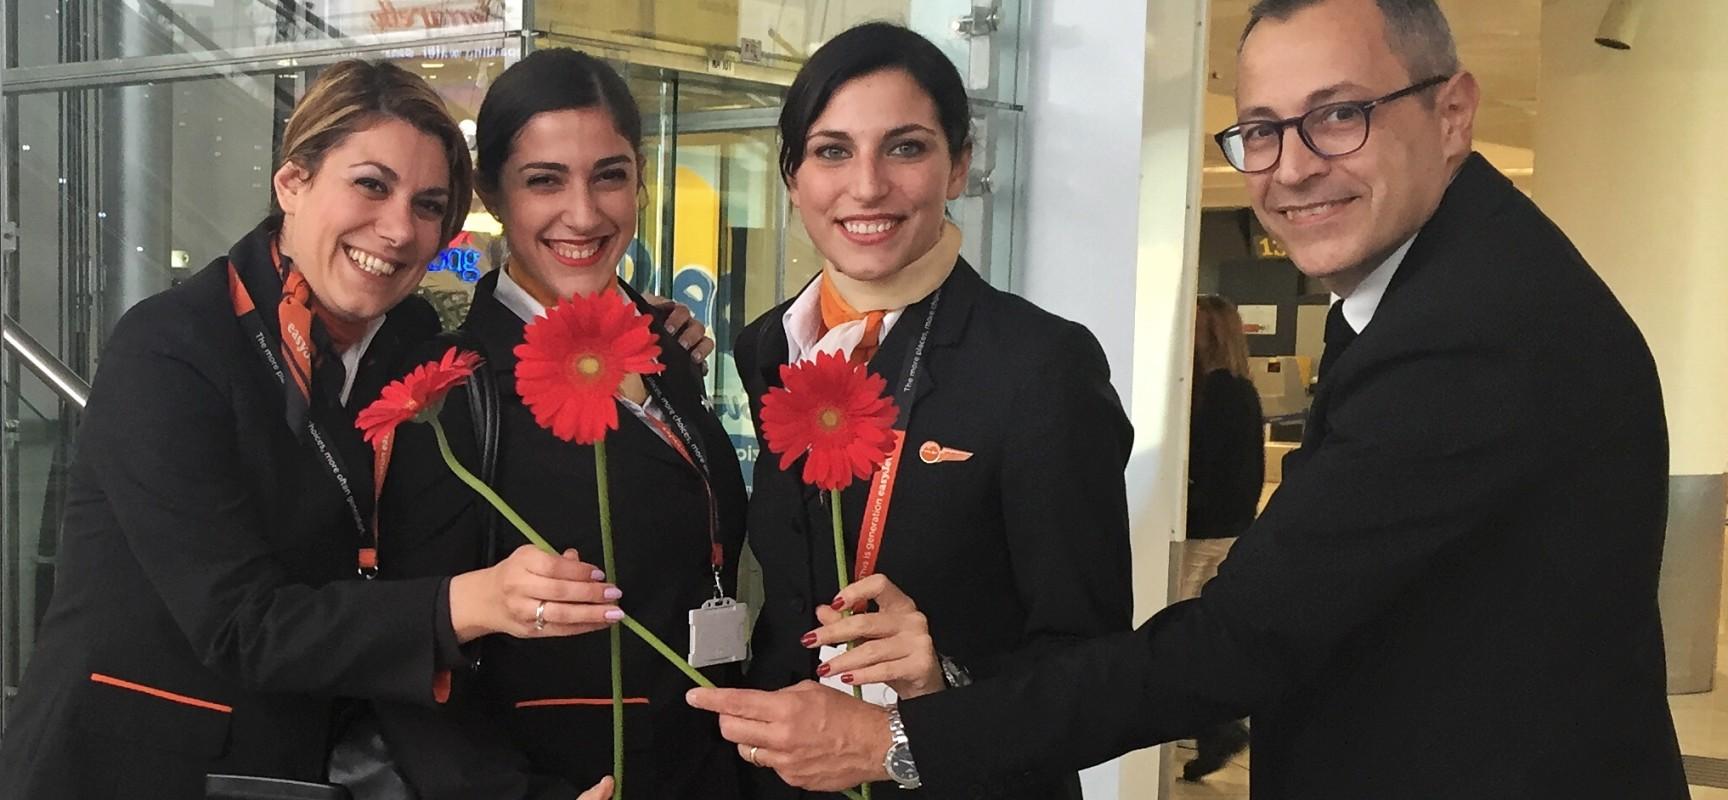 Giornata gentilezza, Napoli celebra Airport Helper